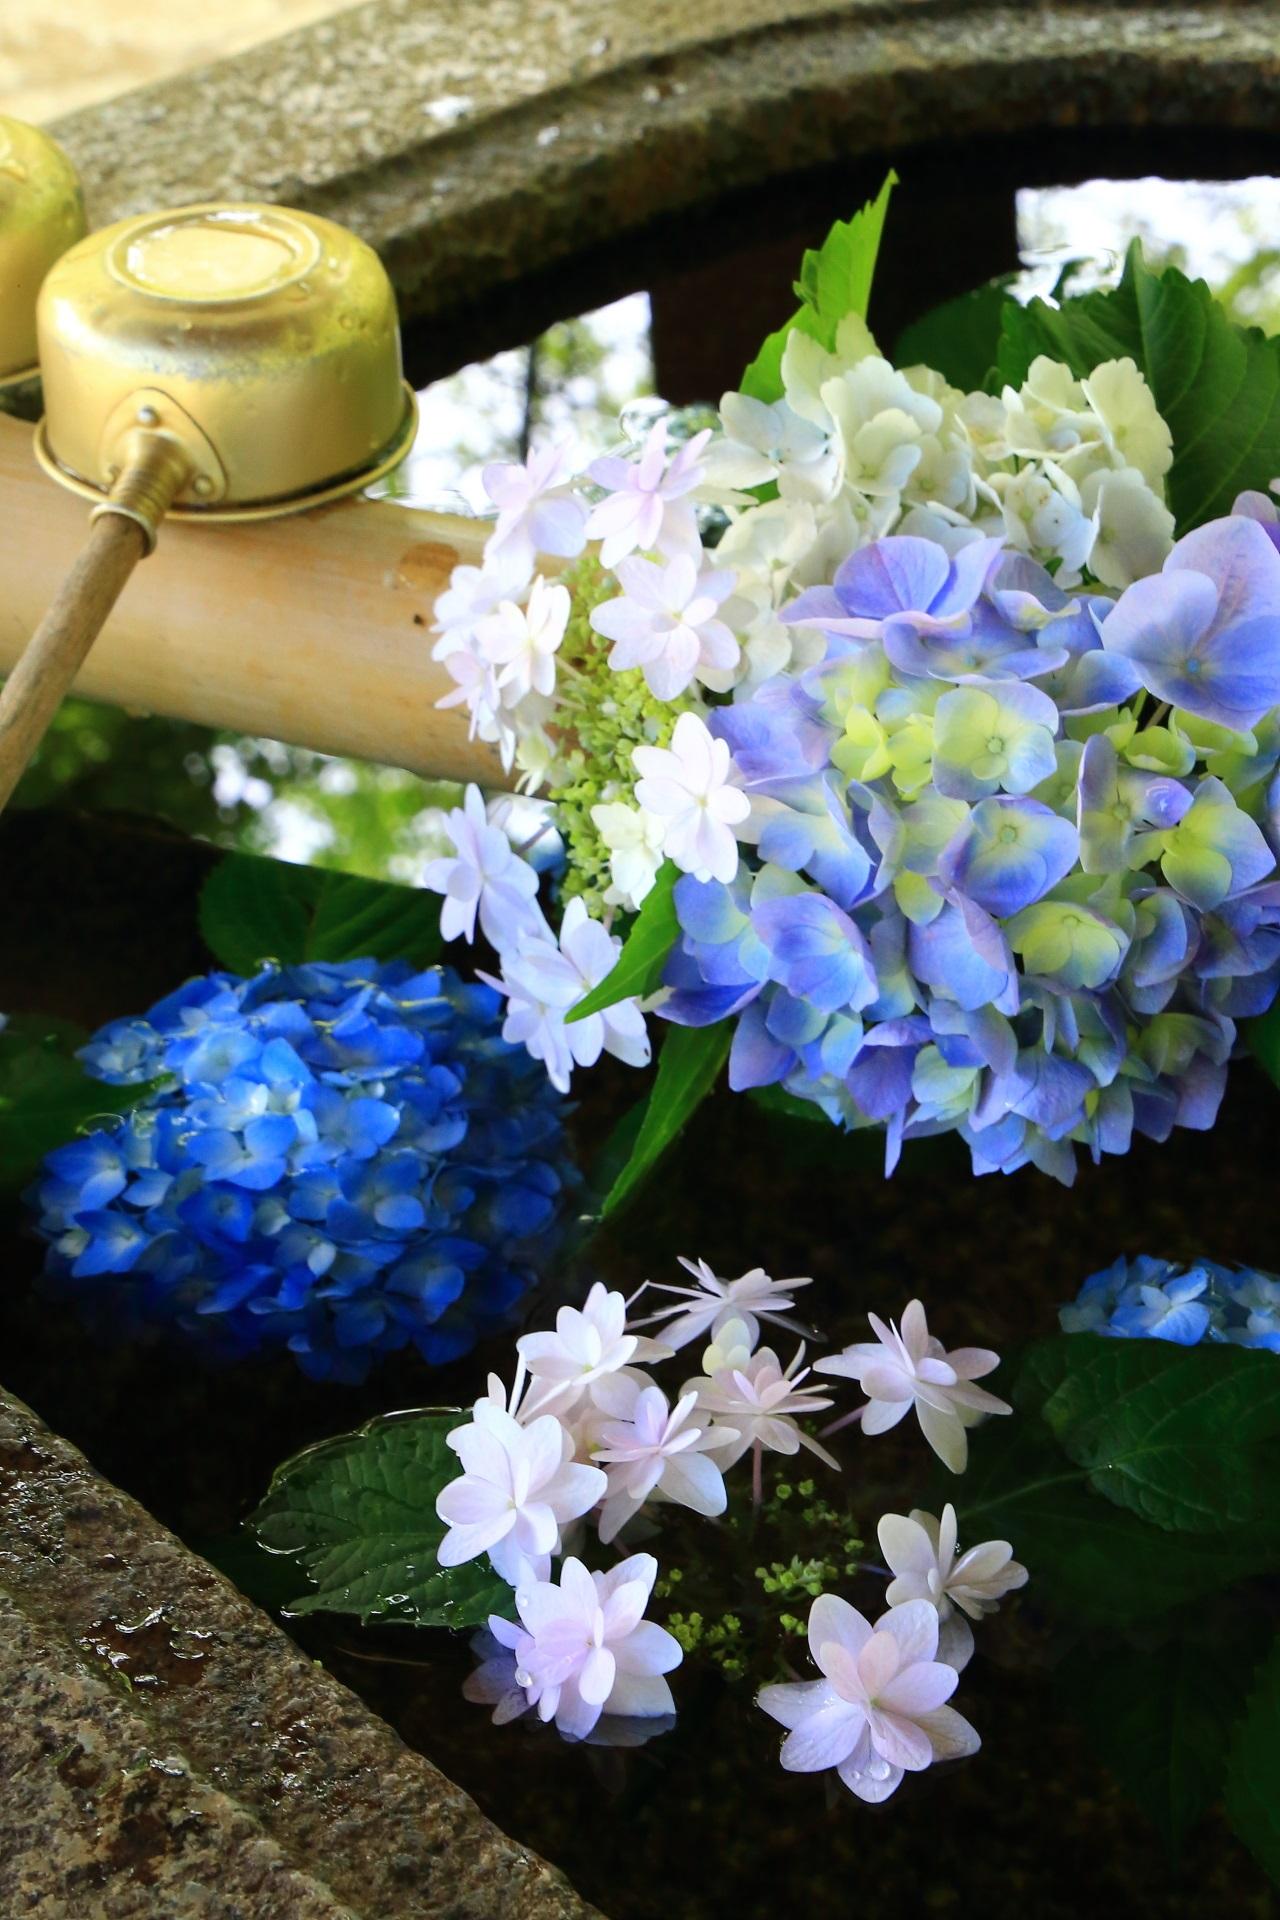 紫陽花の花とともに水鏡も楽しめるアジサイの手水舎